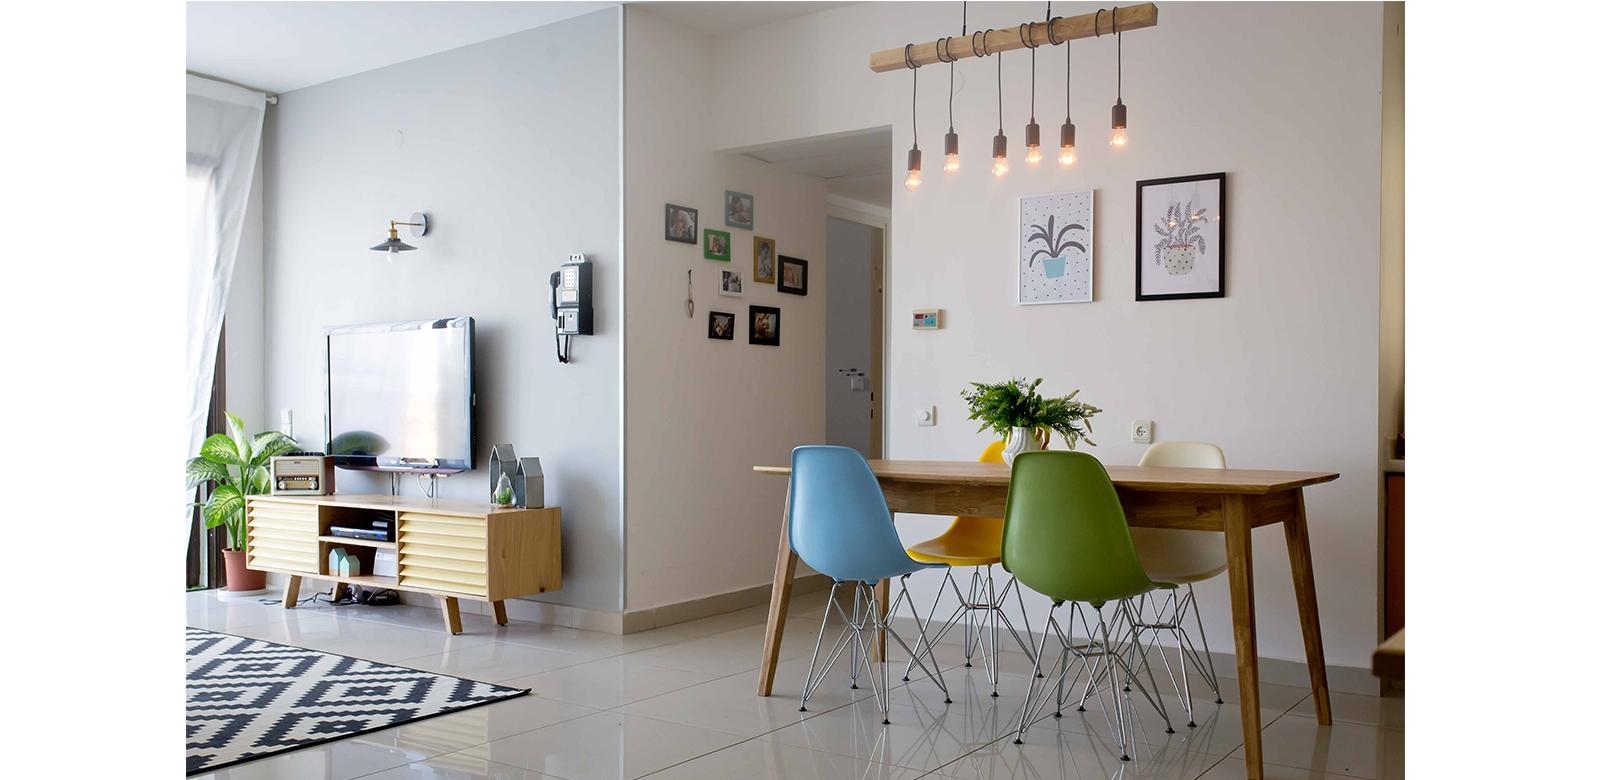 דירה שכורה בצפון תל אביב - תמונה מספר 3